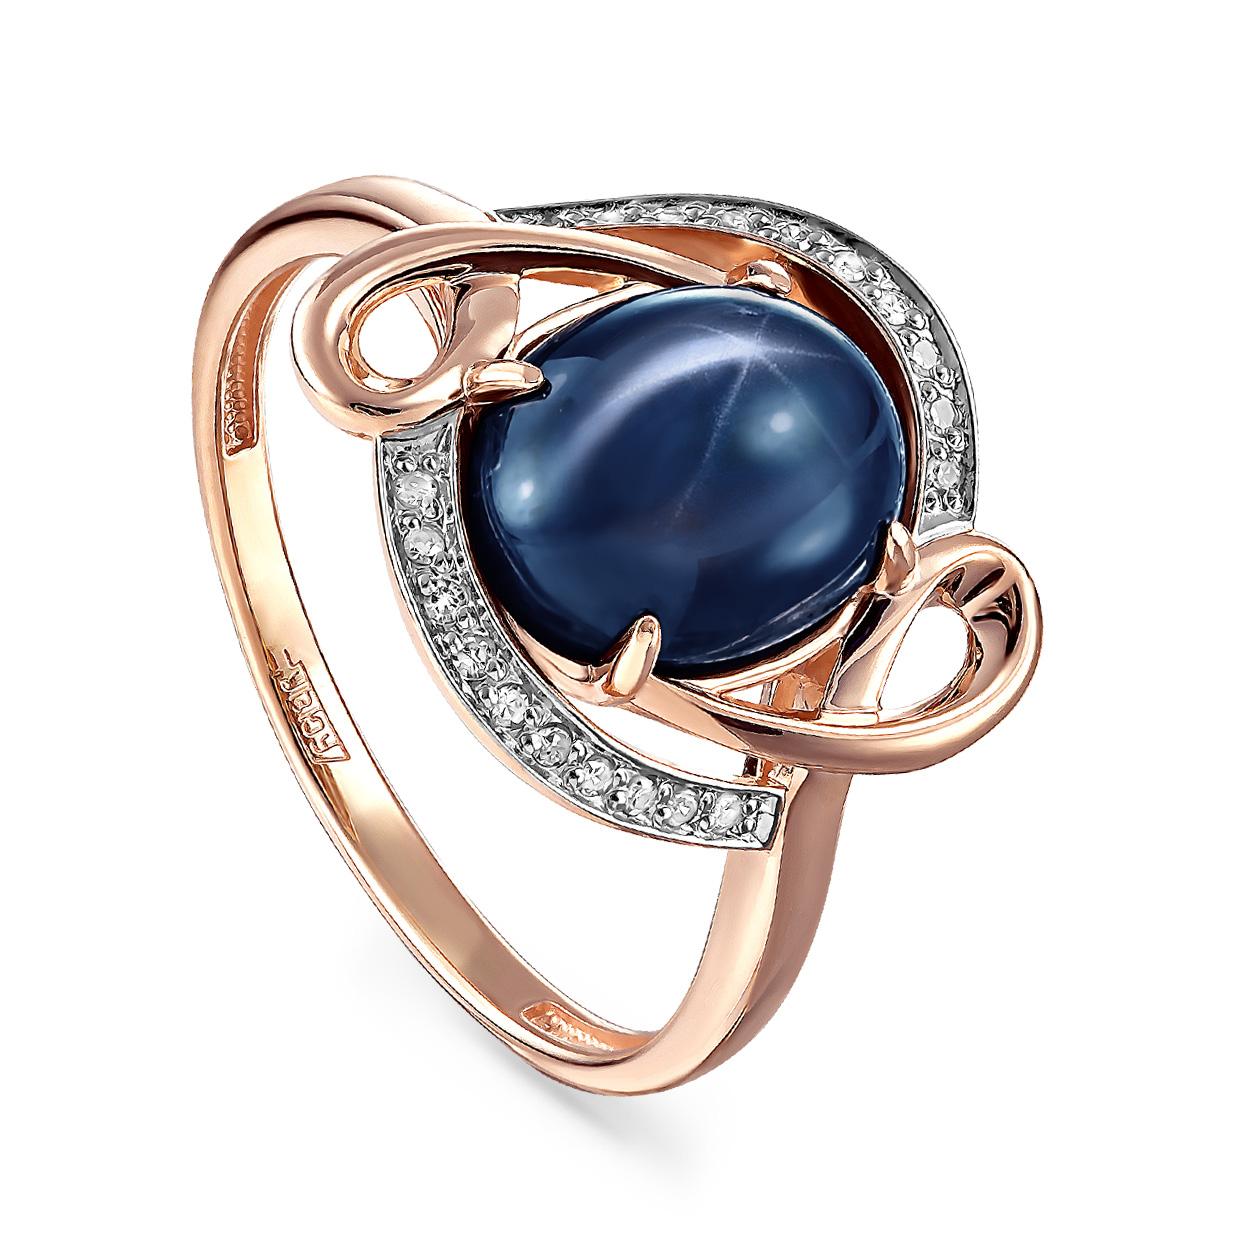 Золотое кольцо Бриллиант и Сапфир арт. 11-01146-1400 11-01146-1400